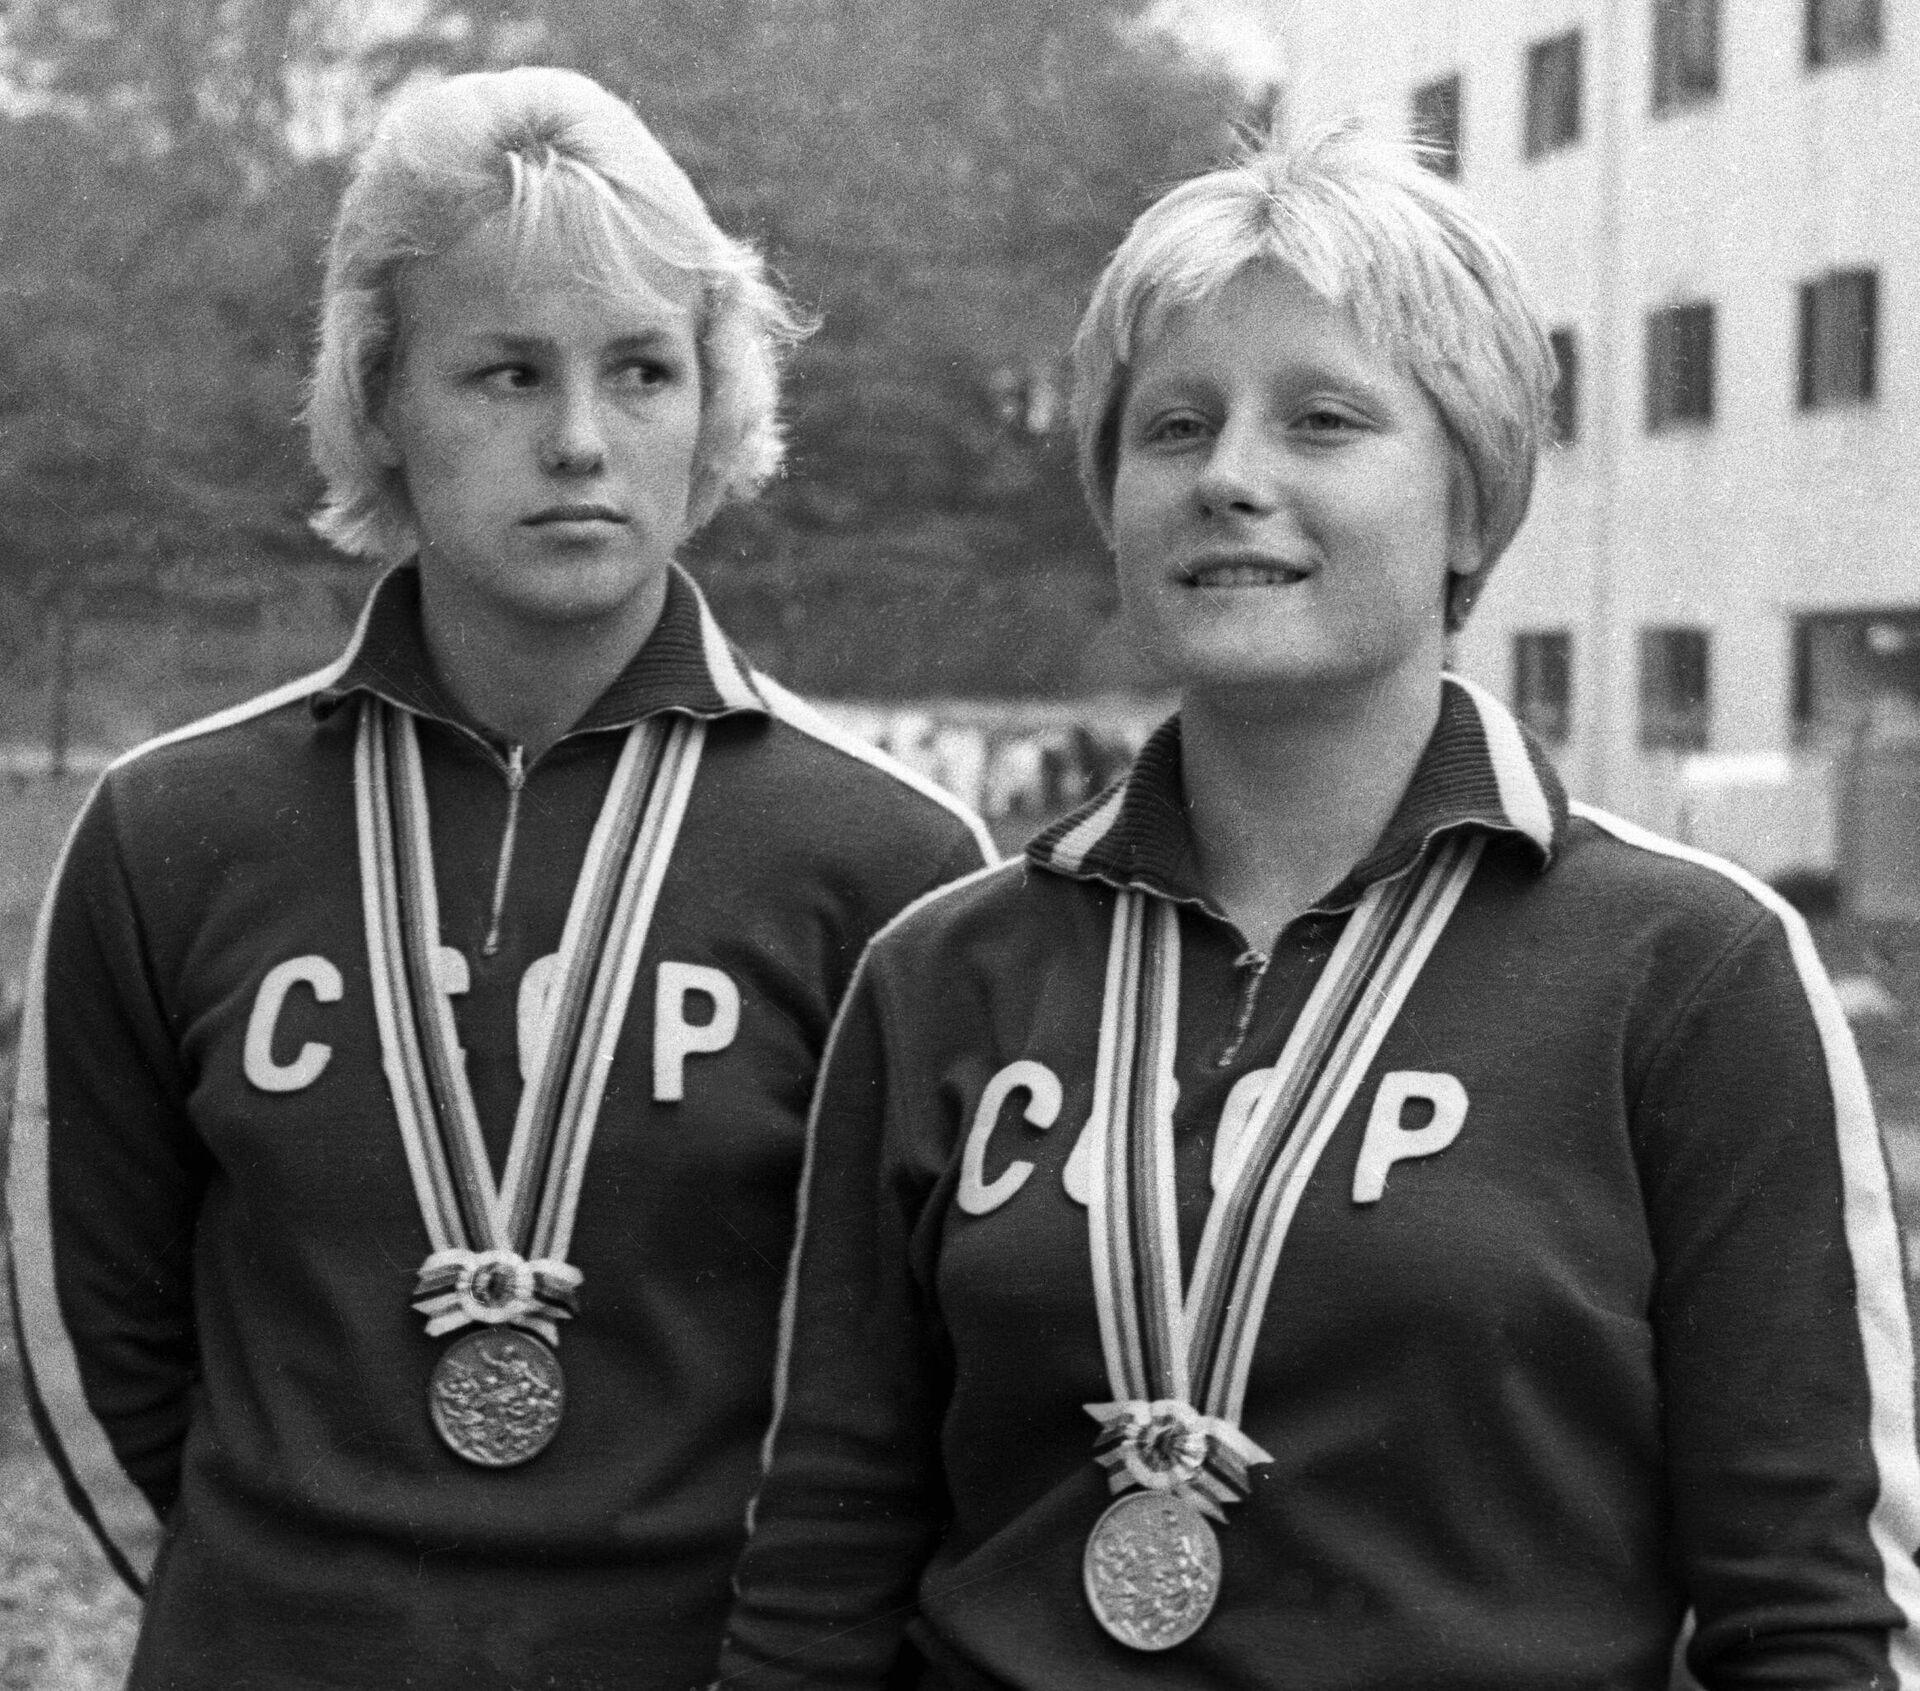 Пловчиха Галина Прозуменщикова (справа) после вручения медали за победу на Олимпиаде в Токио - РИА Новости, 1920, 11.07.2021